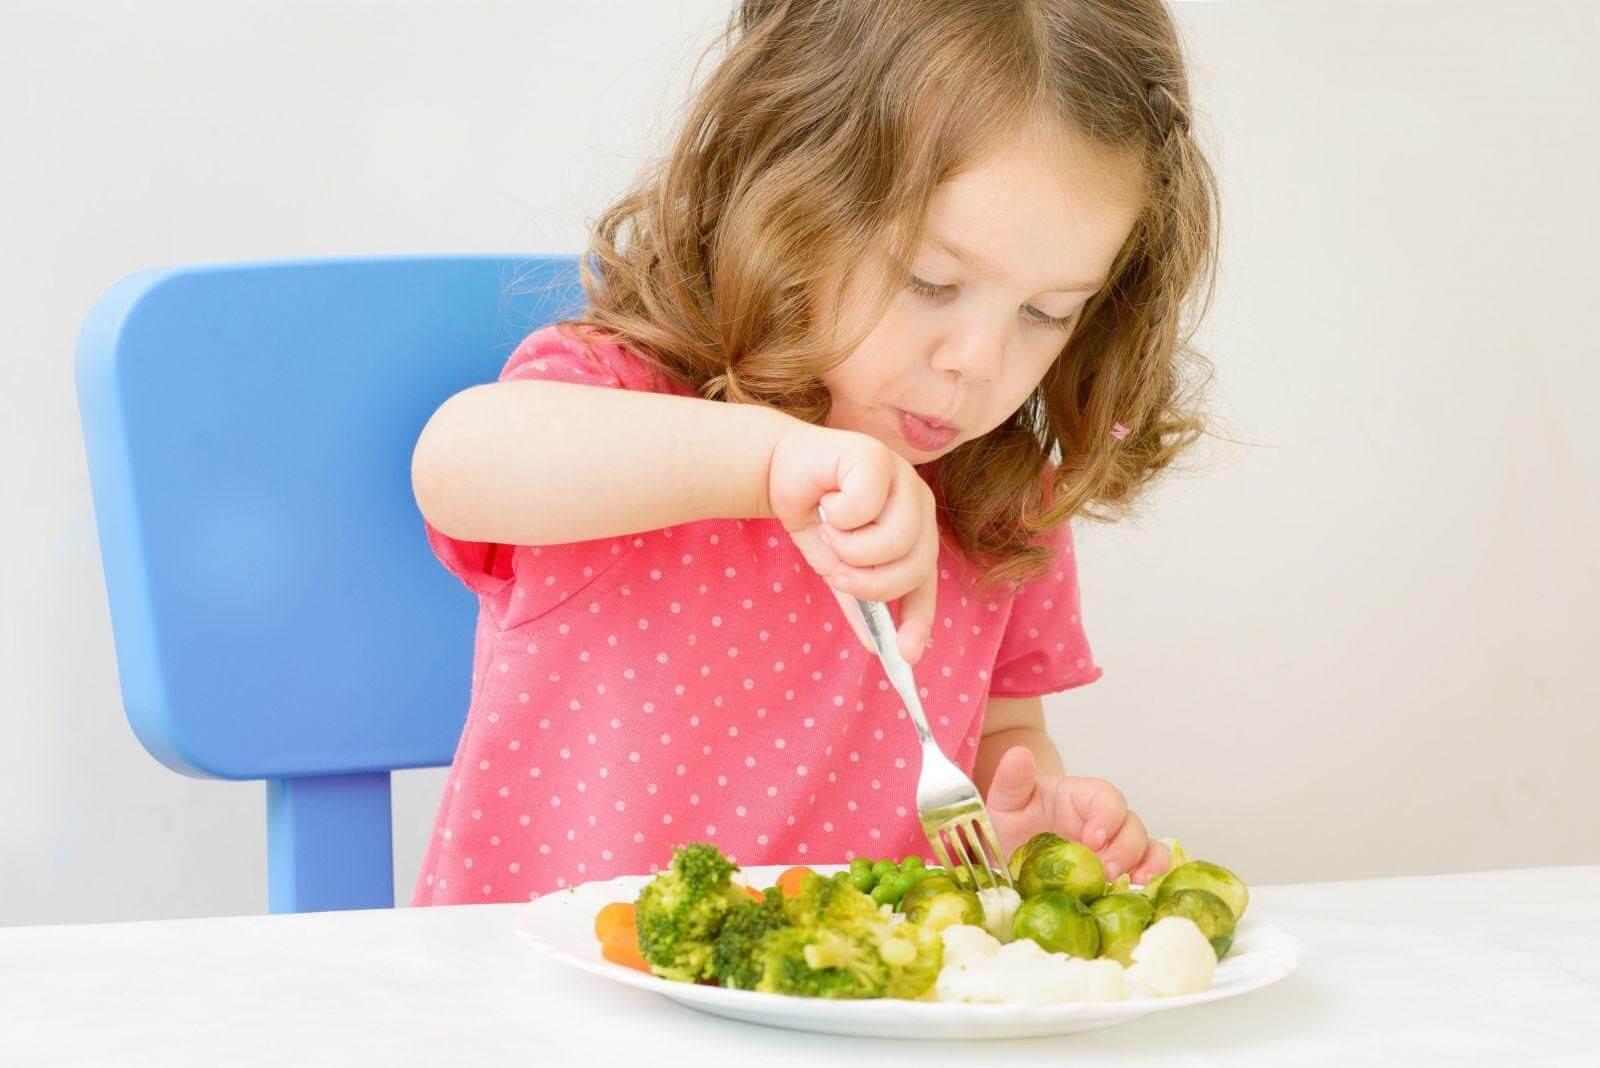 Cho bé ăn những bữa ăn phụ lành mạnh